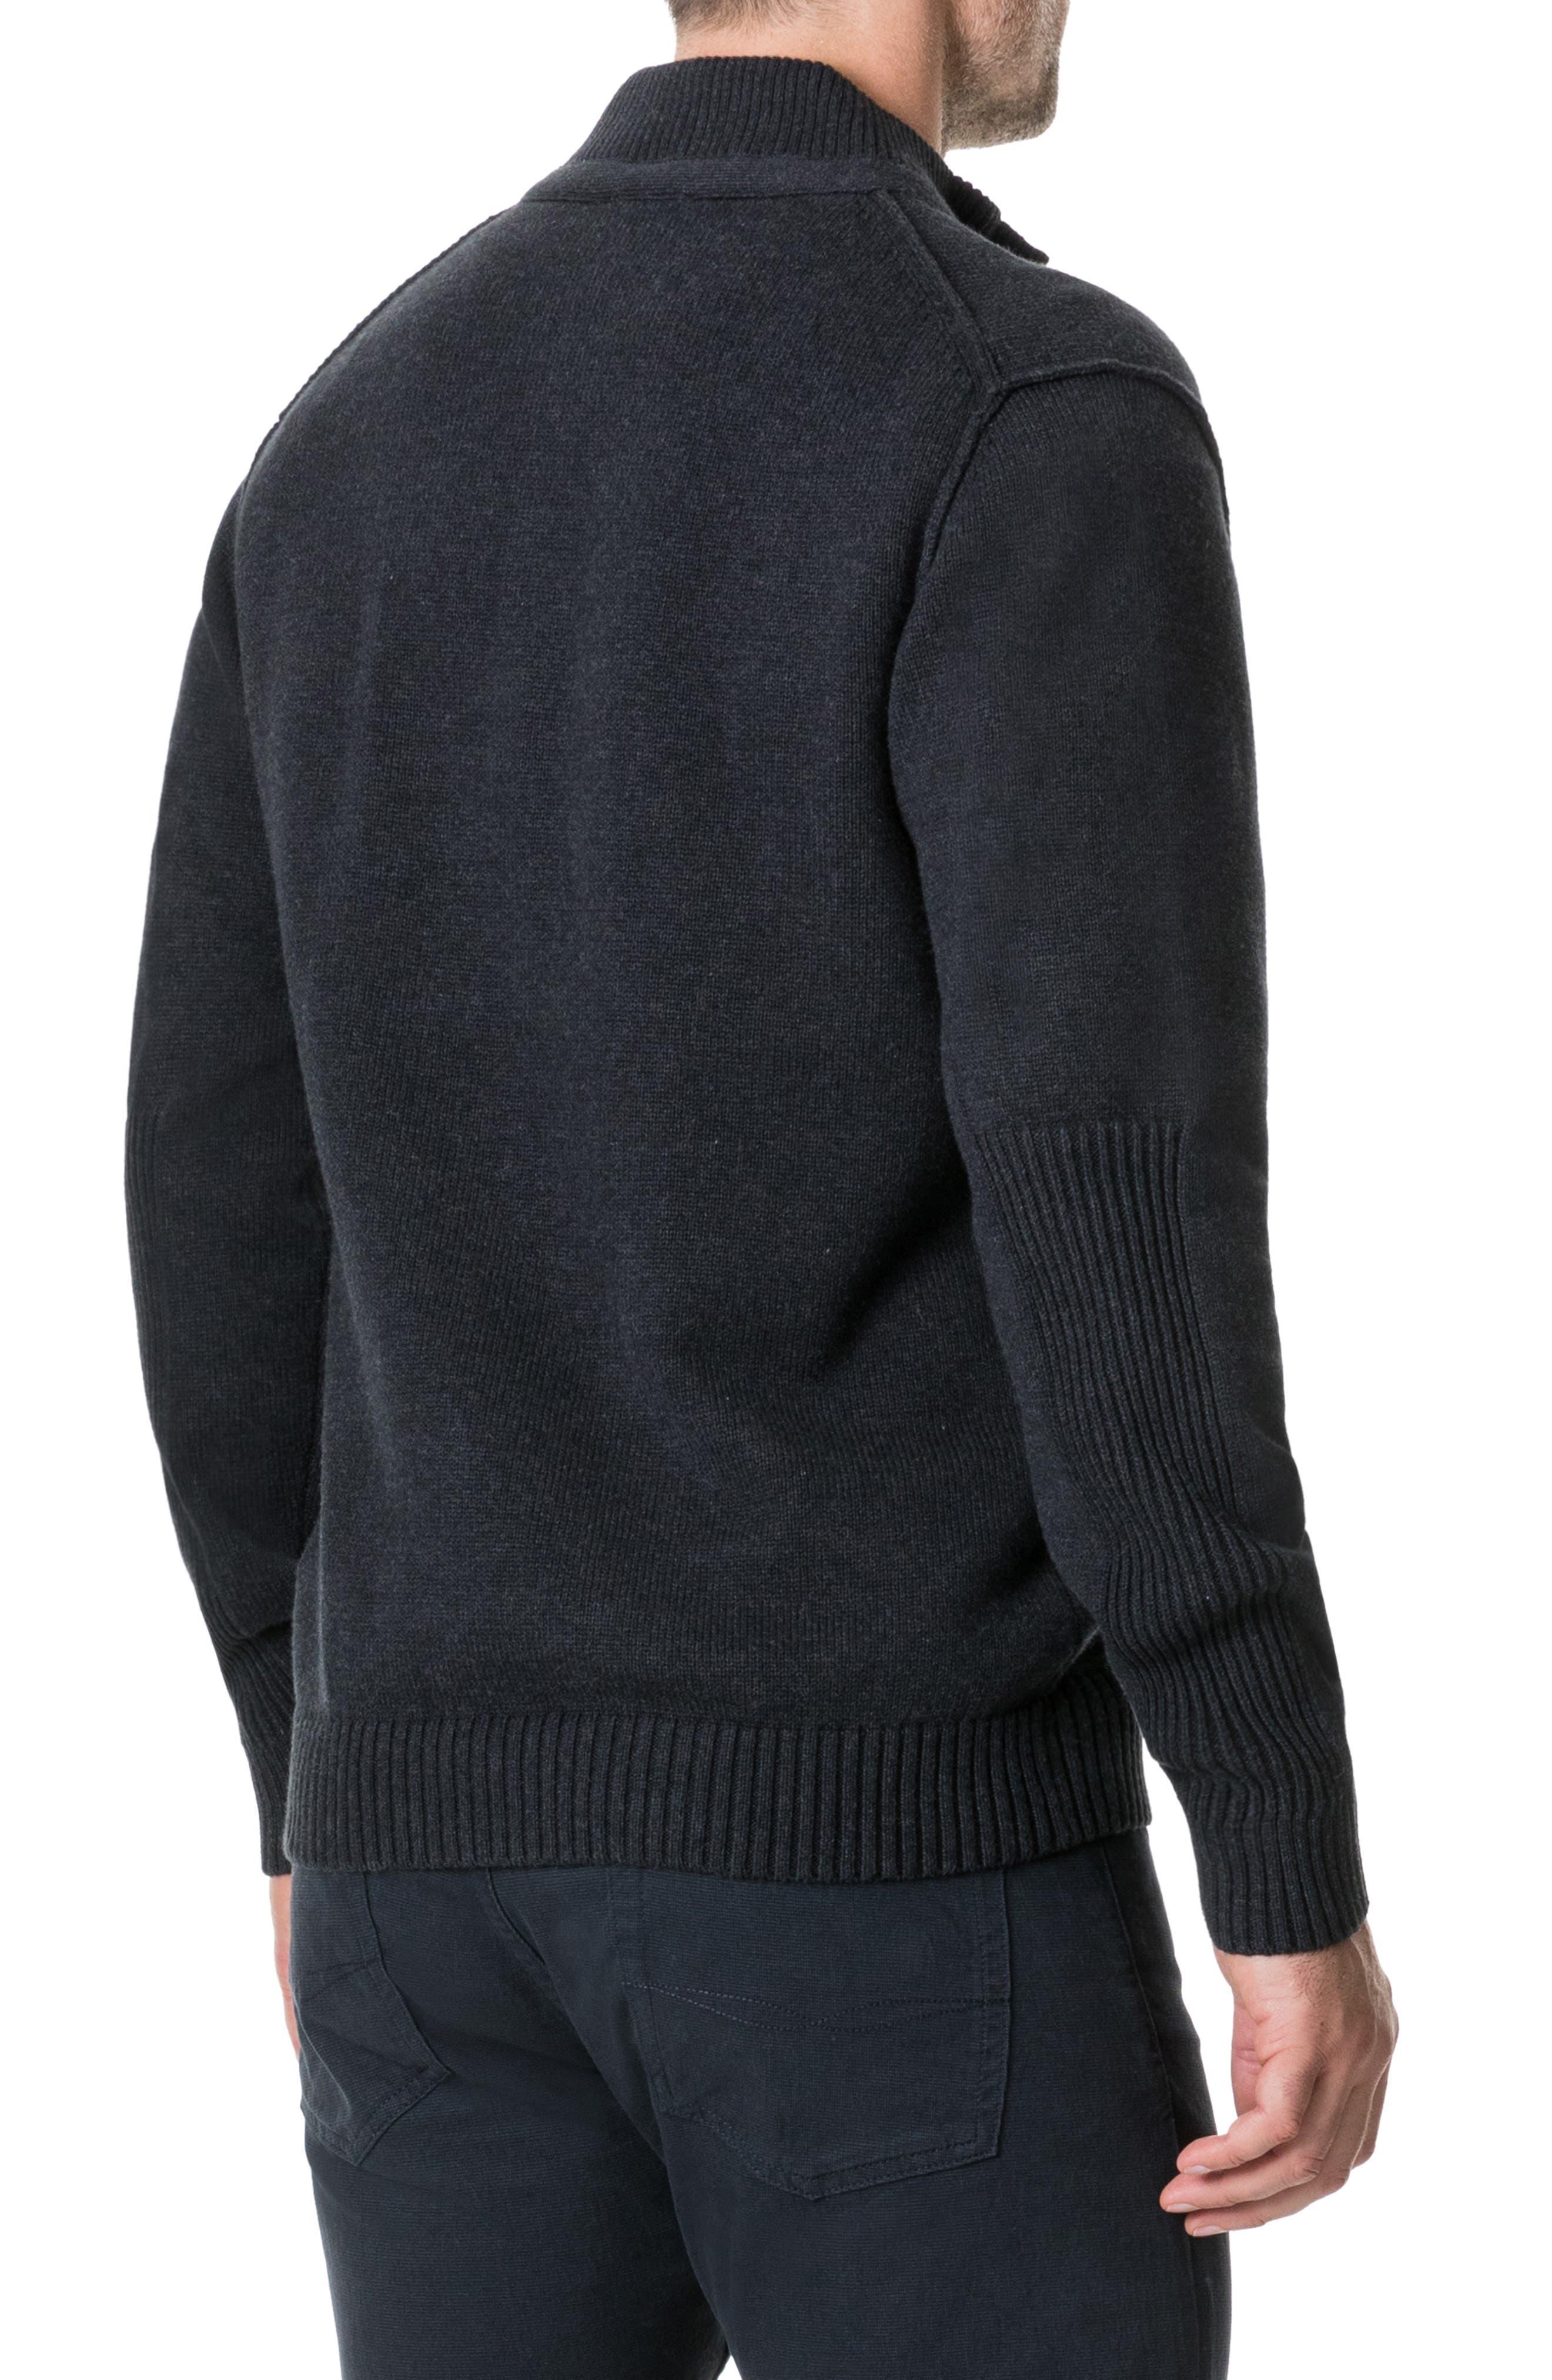 Kent Terrace Quarter Button Sweater,                             Alternate thumbnail 2, color,                             CHARCOAL